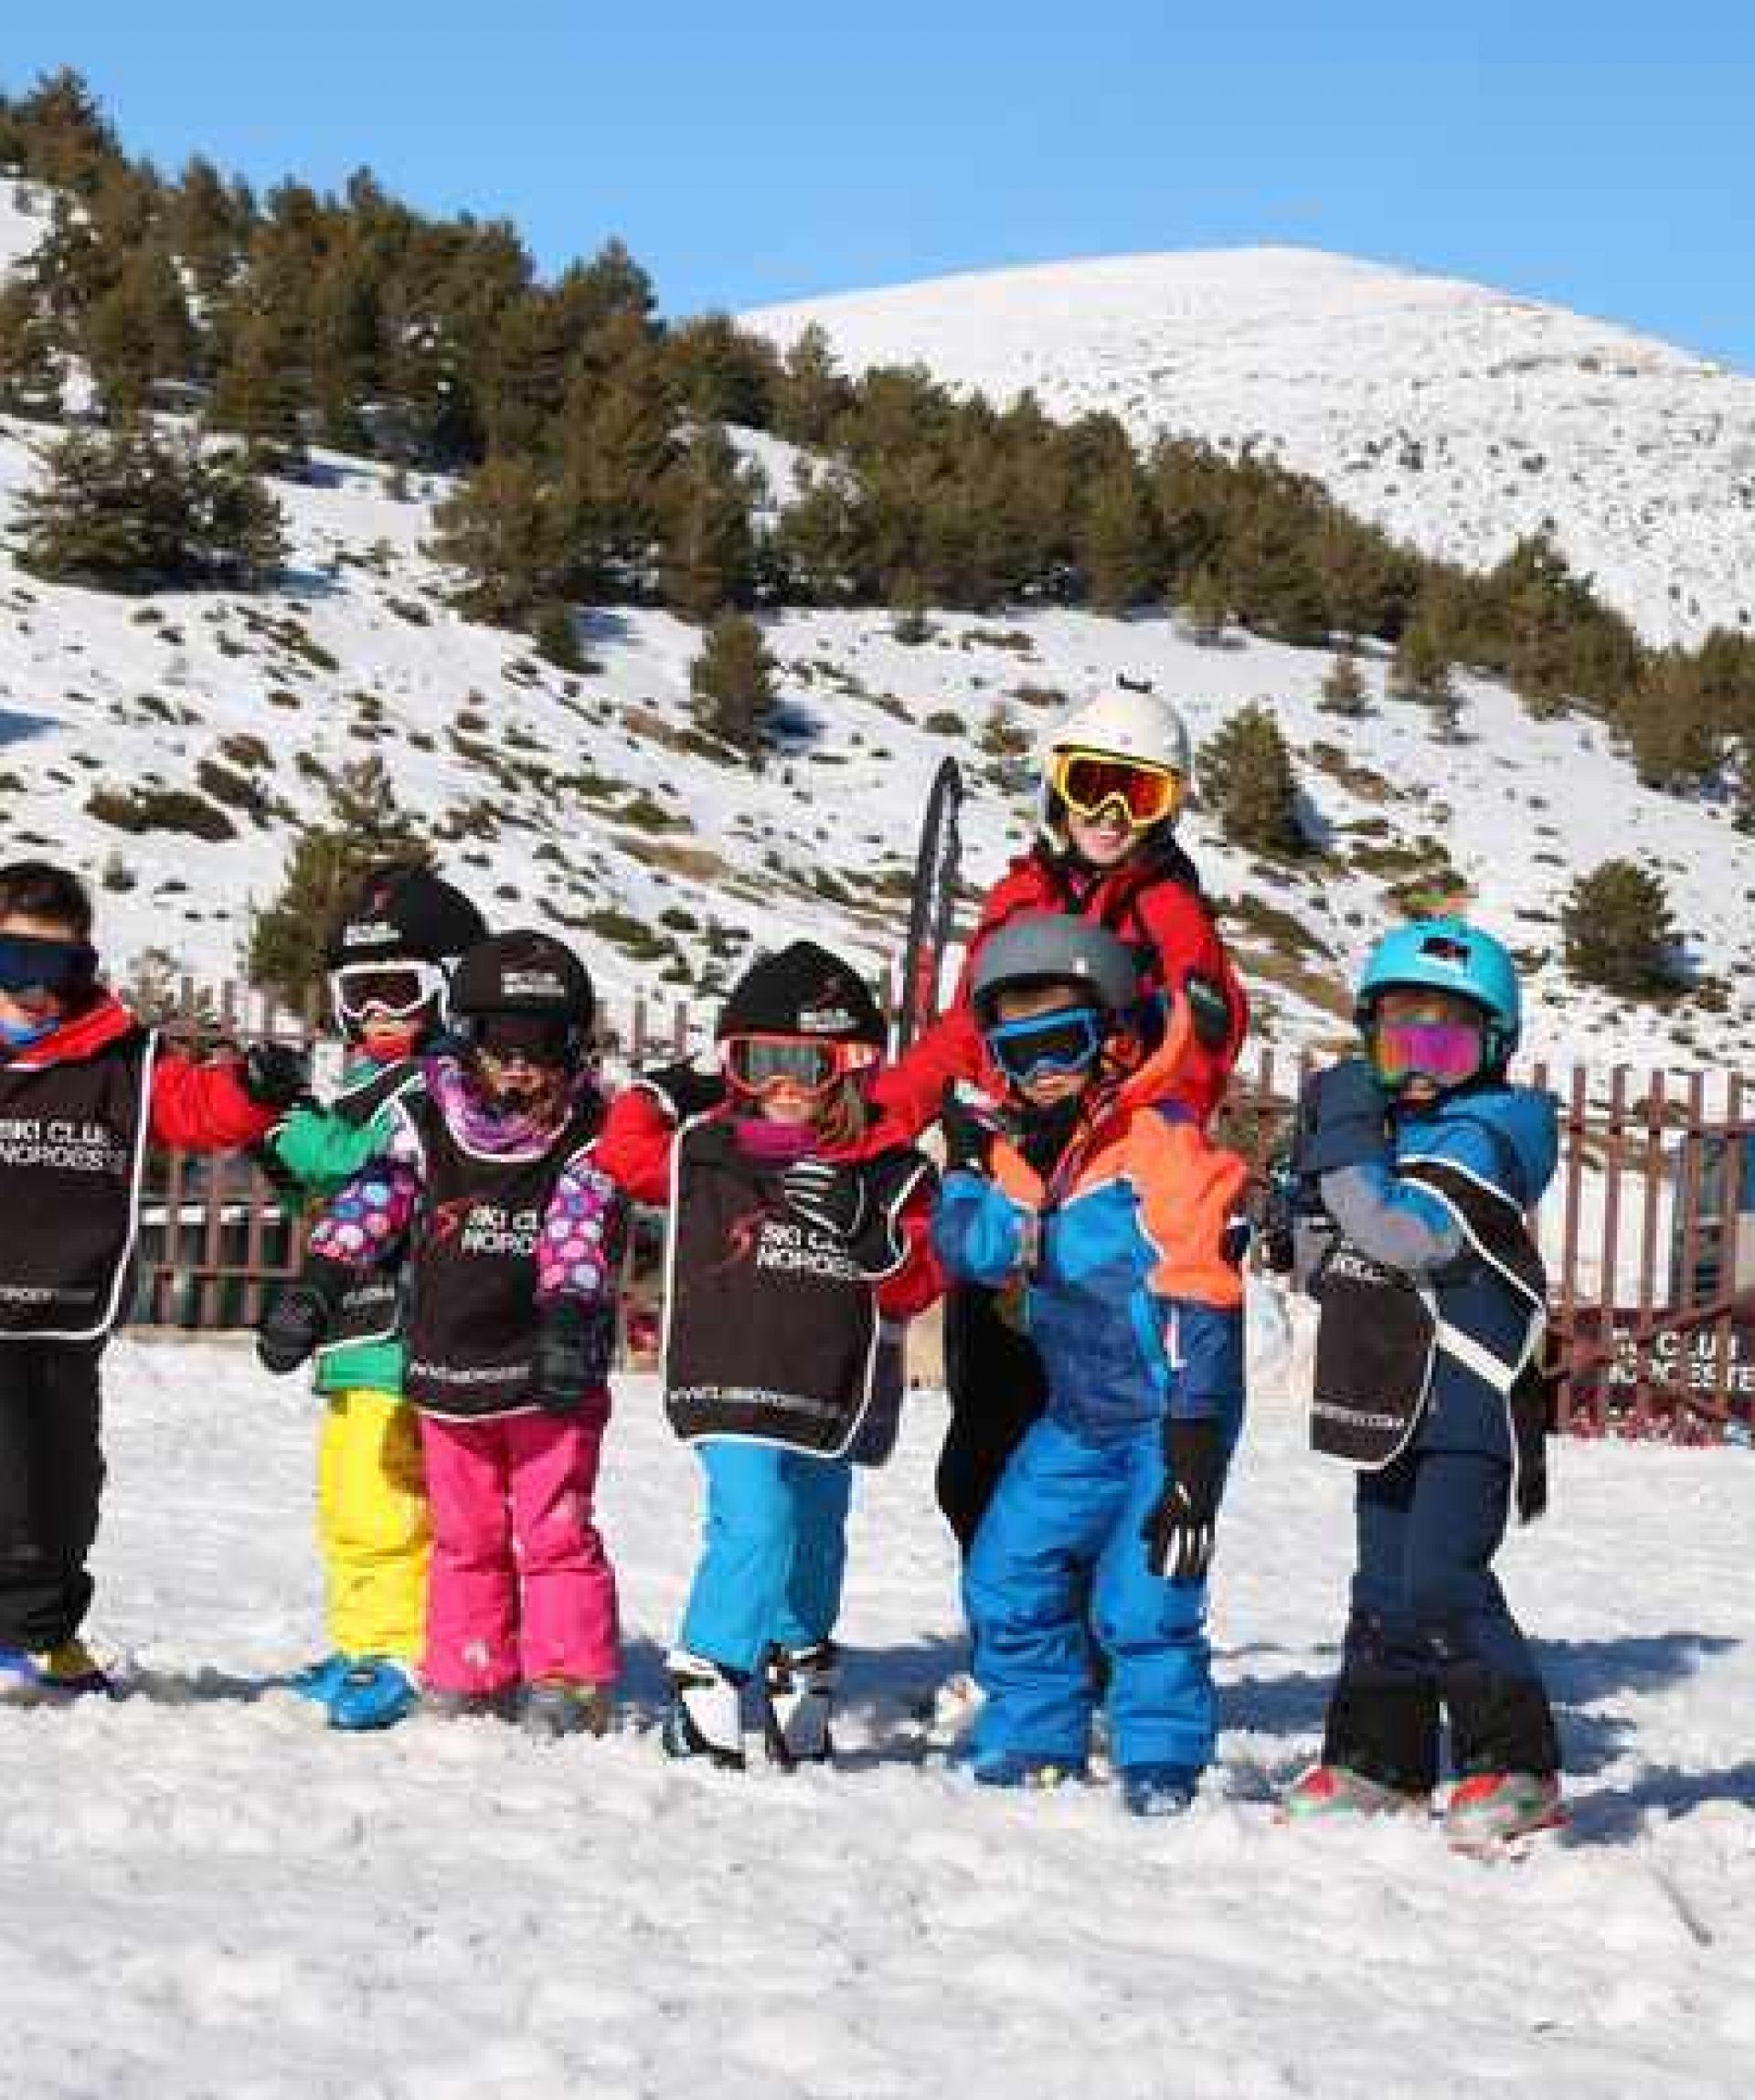 Viajes de esqui y cursos de esqui